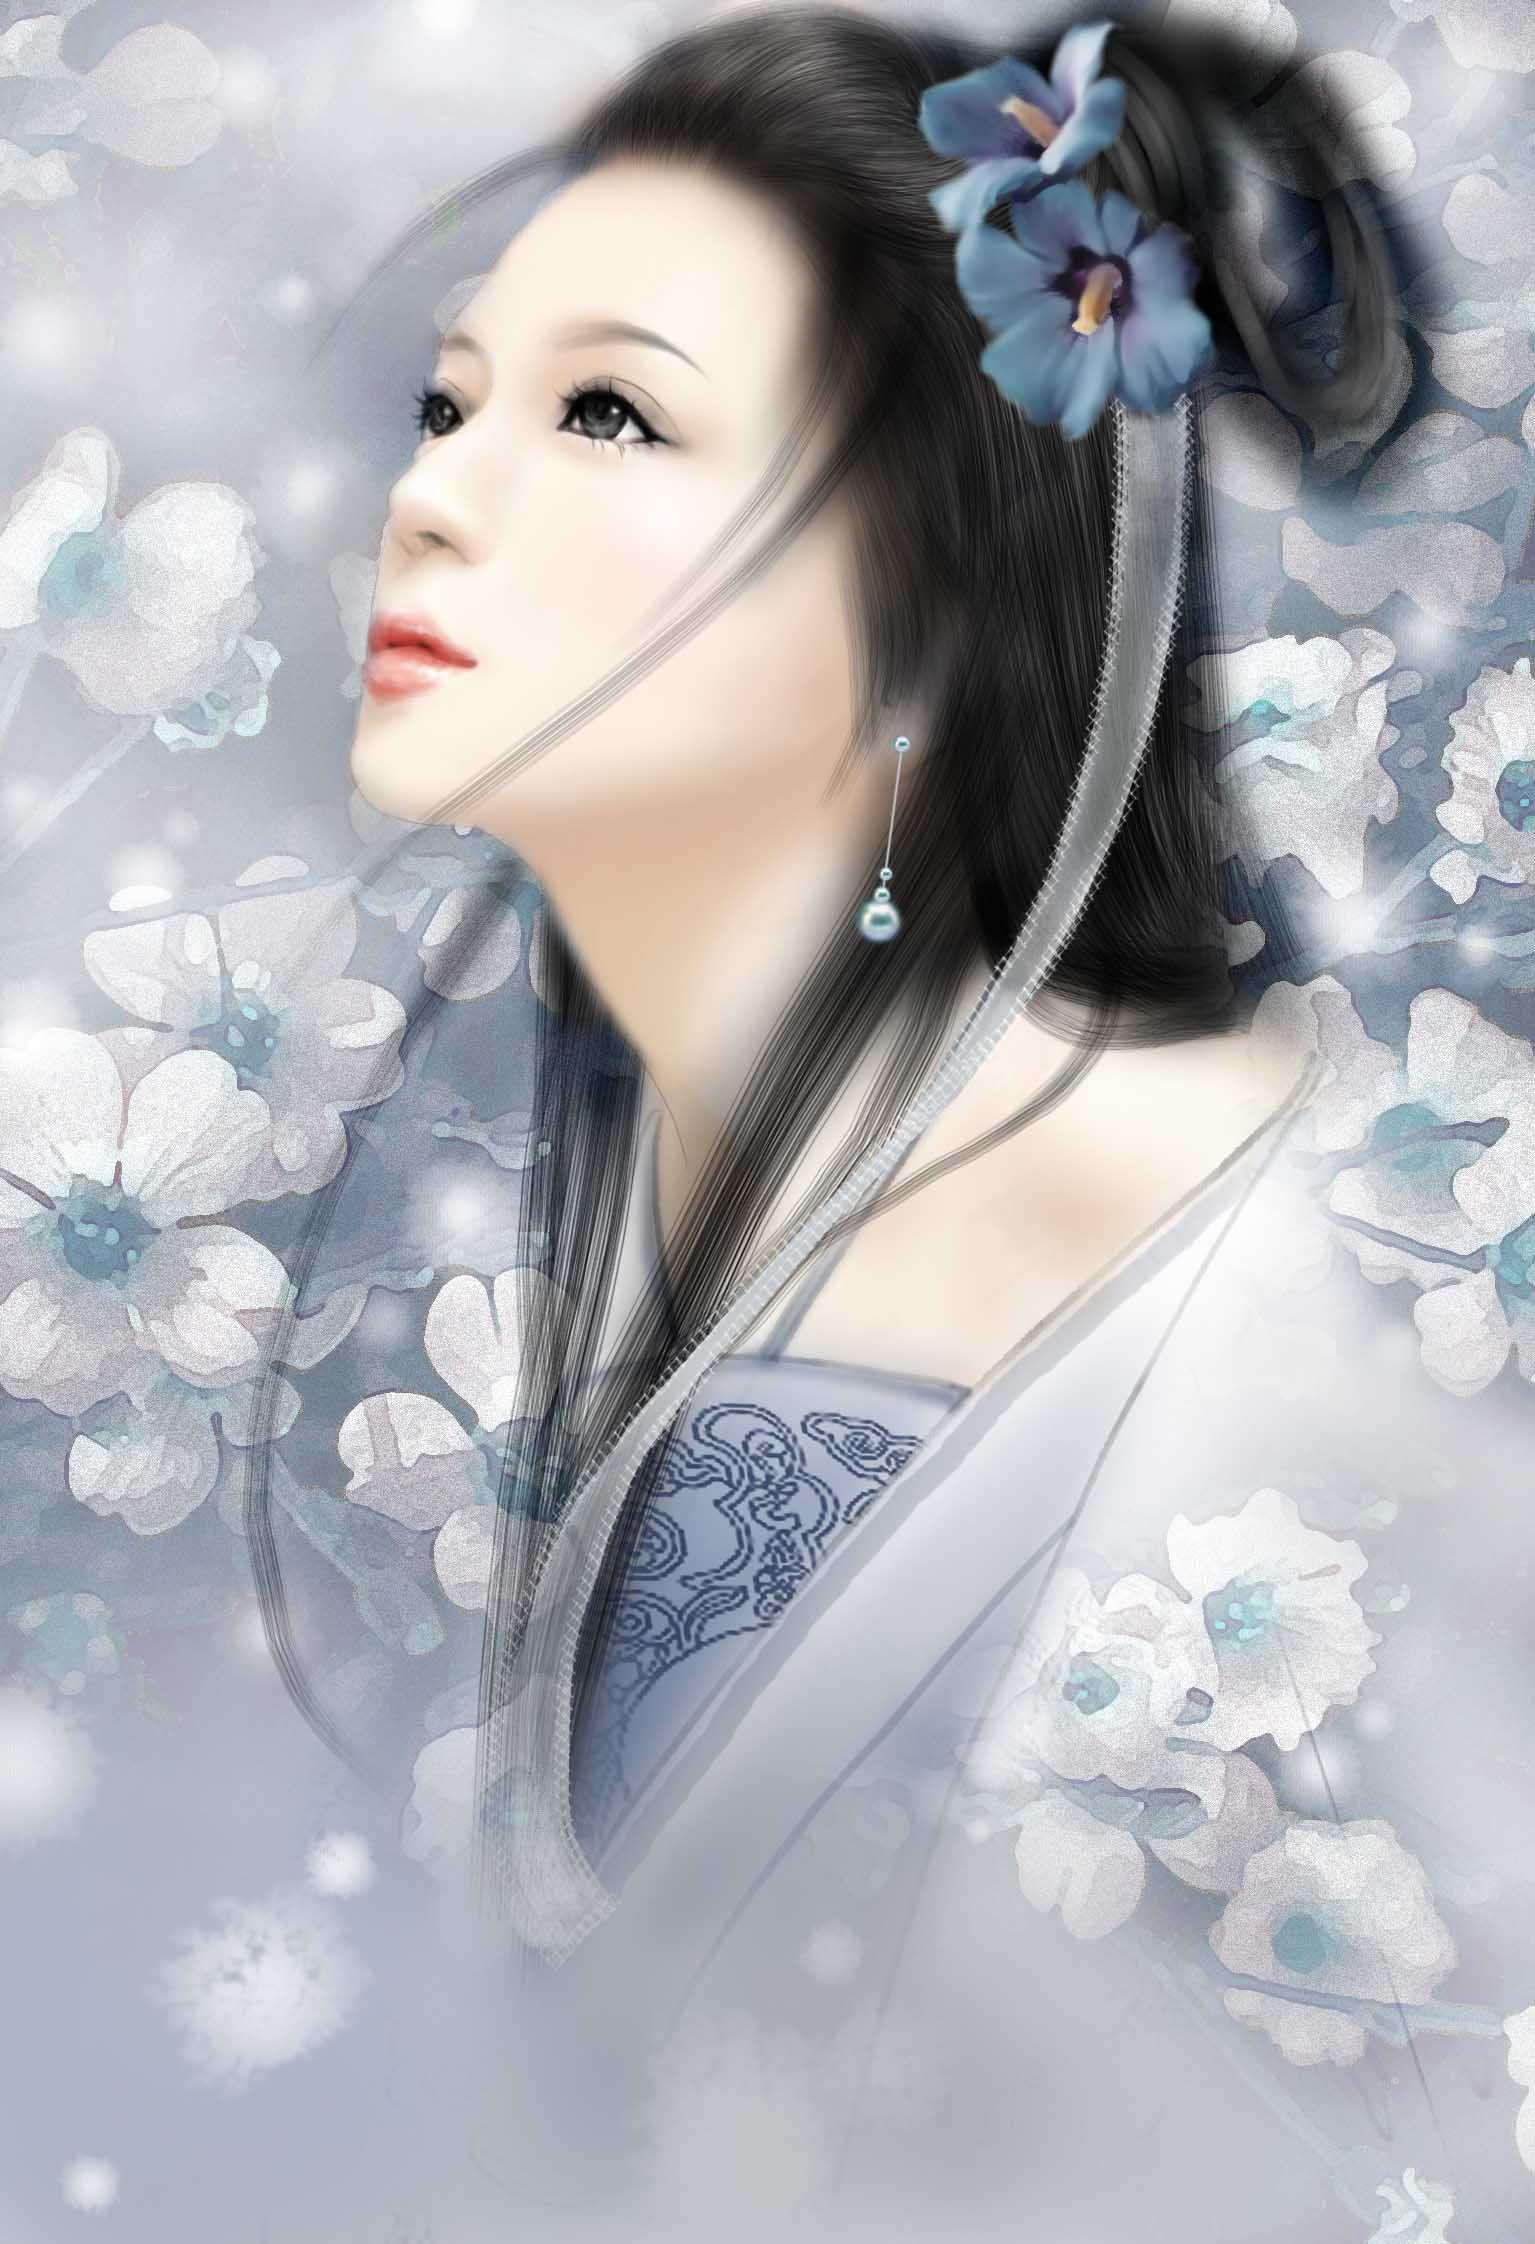 《那场风花雪月的故事》上官允儿_【原创小说|言情】性感美女肉图片